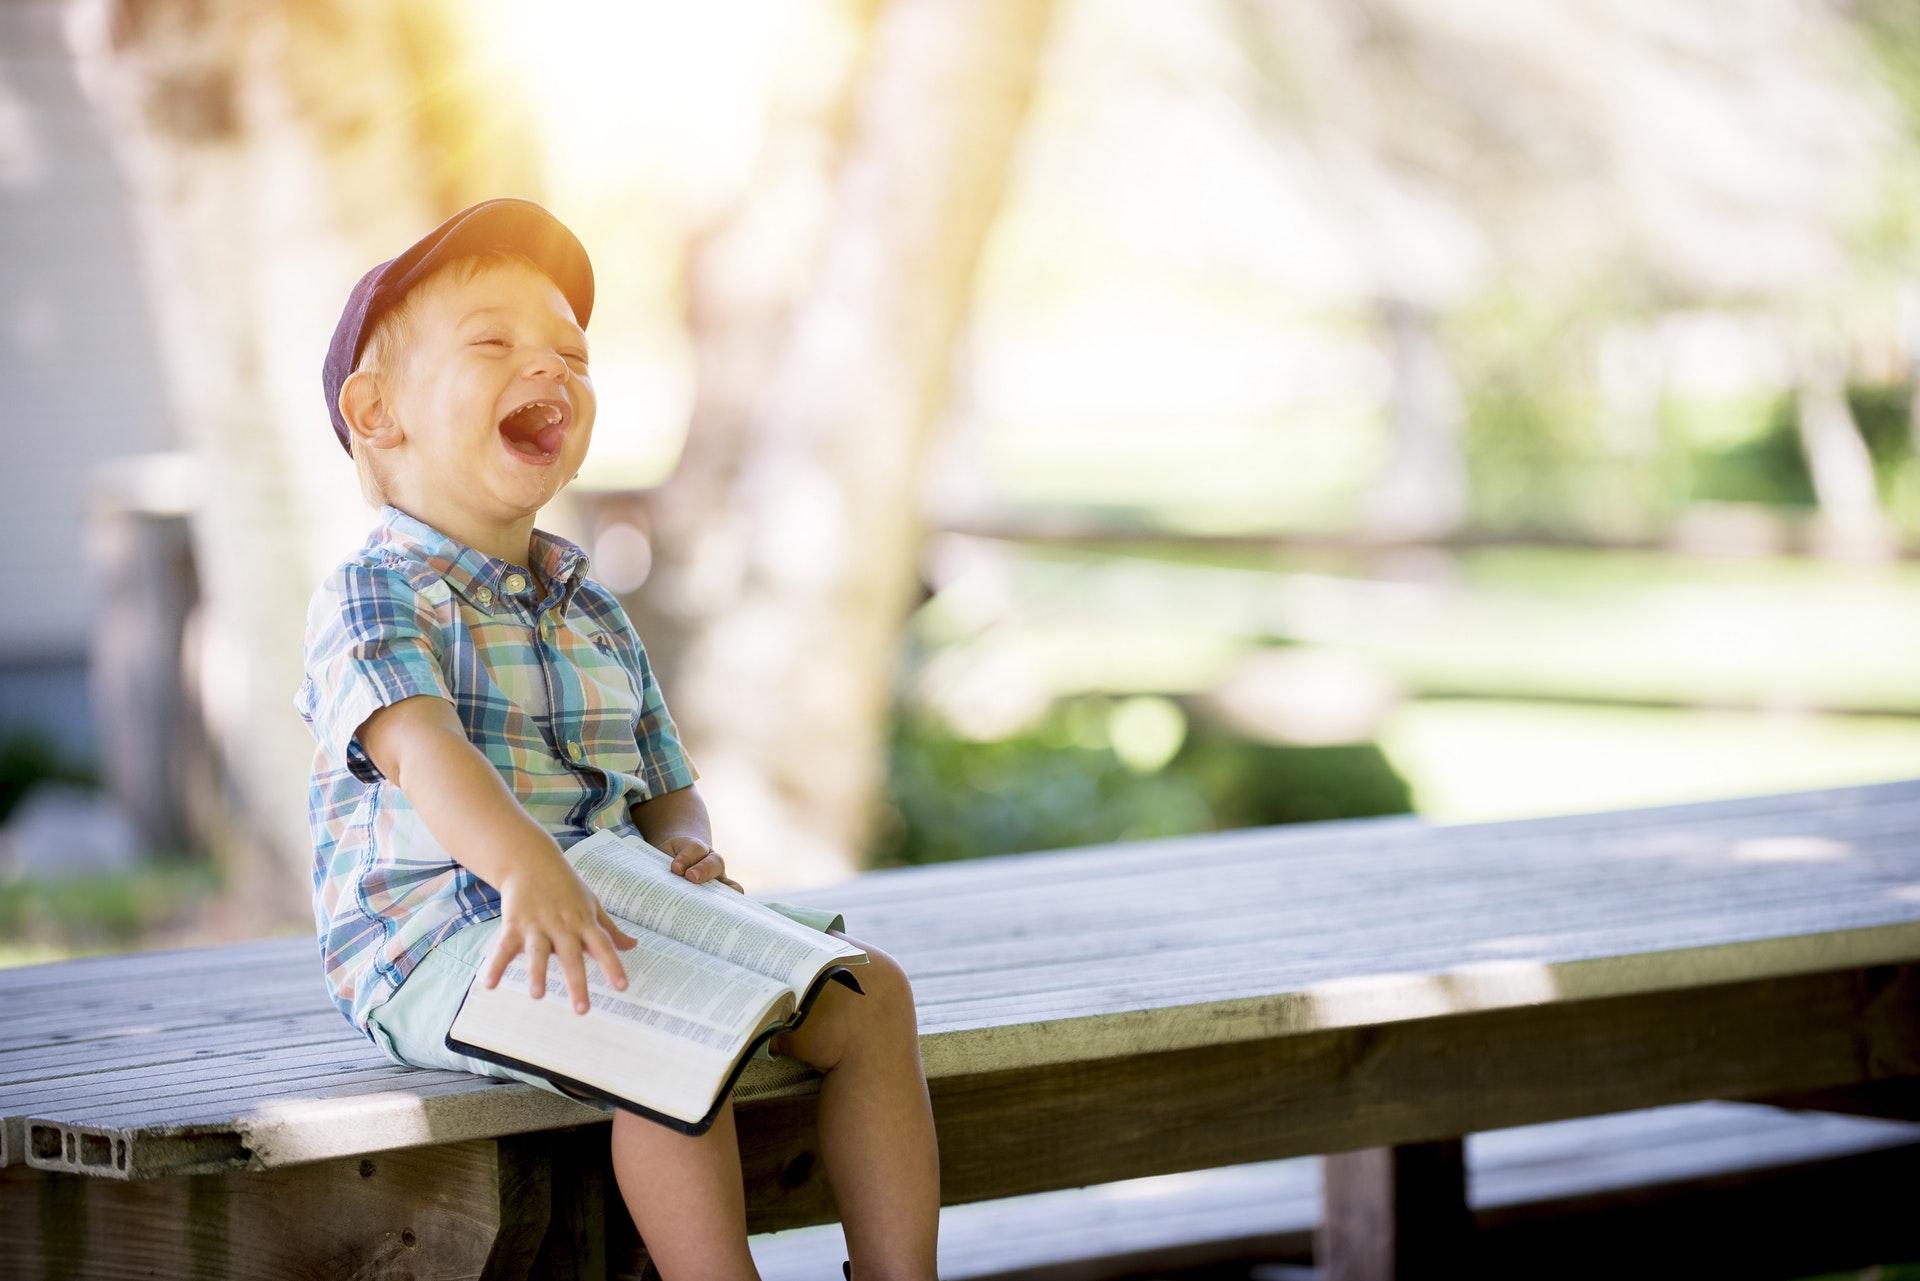 ¿Qué puedes aprender de los niños para ser más feliz?